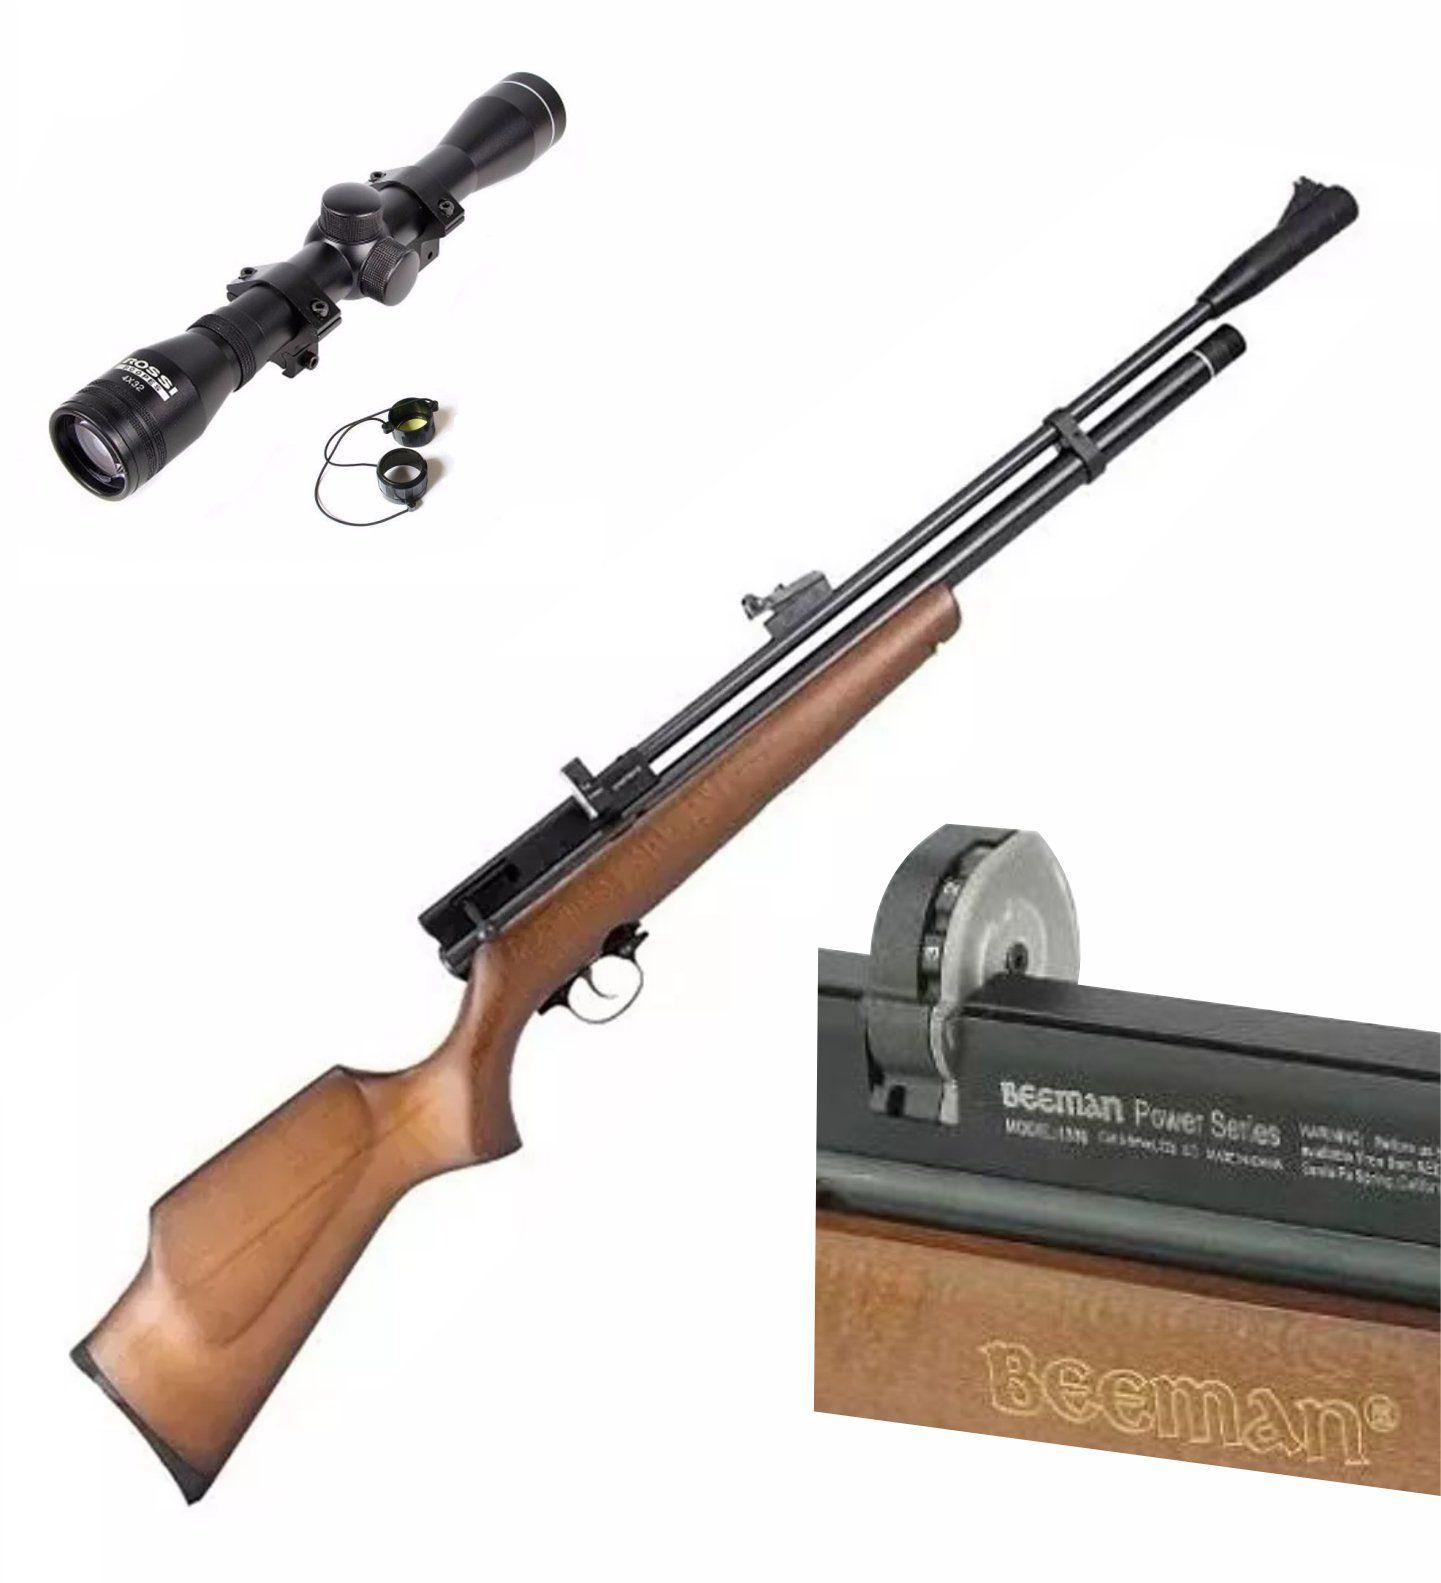 Carabina PCP Beeman 1338 QB II PLUS  10 tiros 5,5mm + Luneta 4x32 Rossi